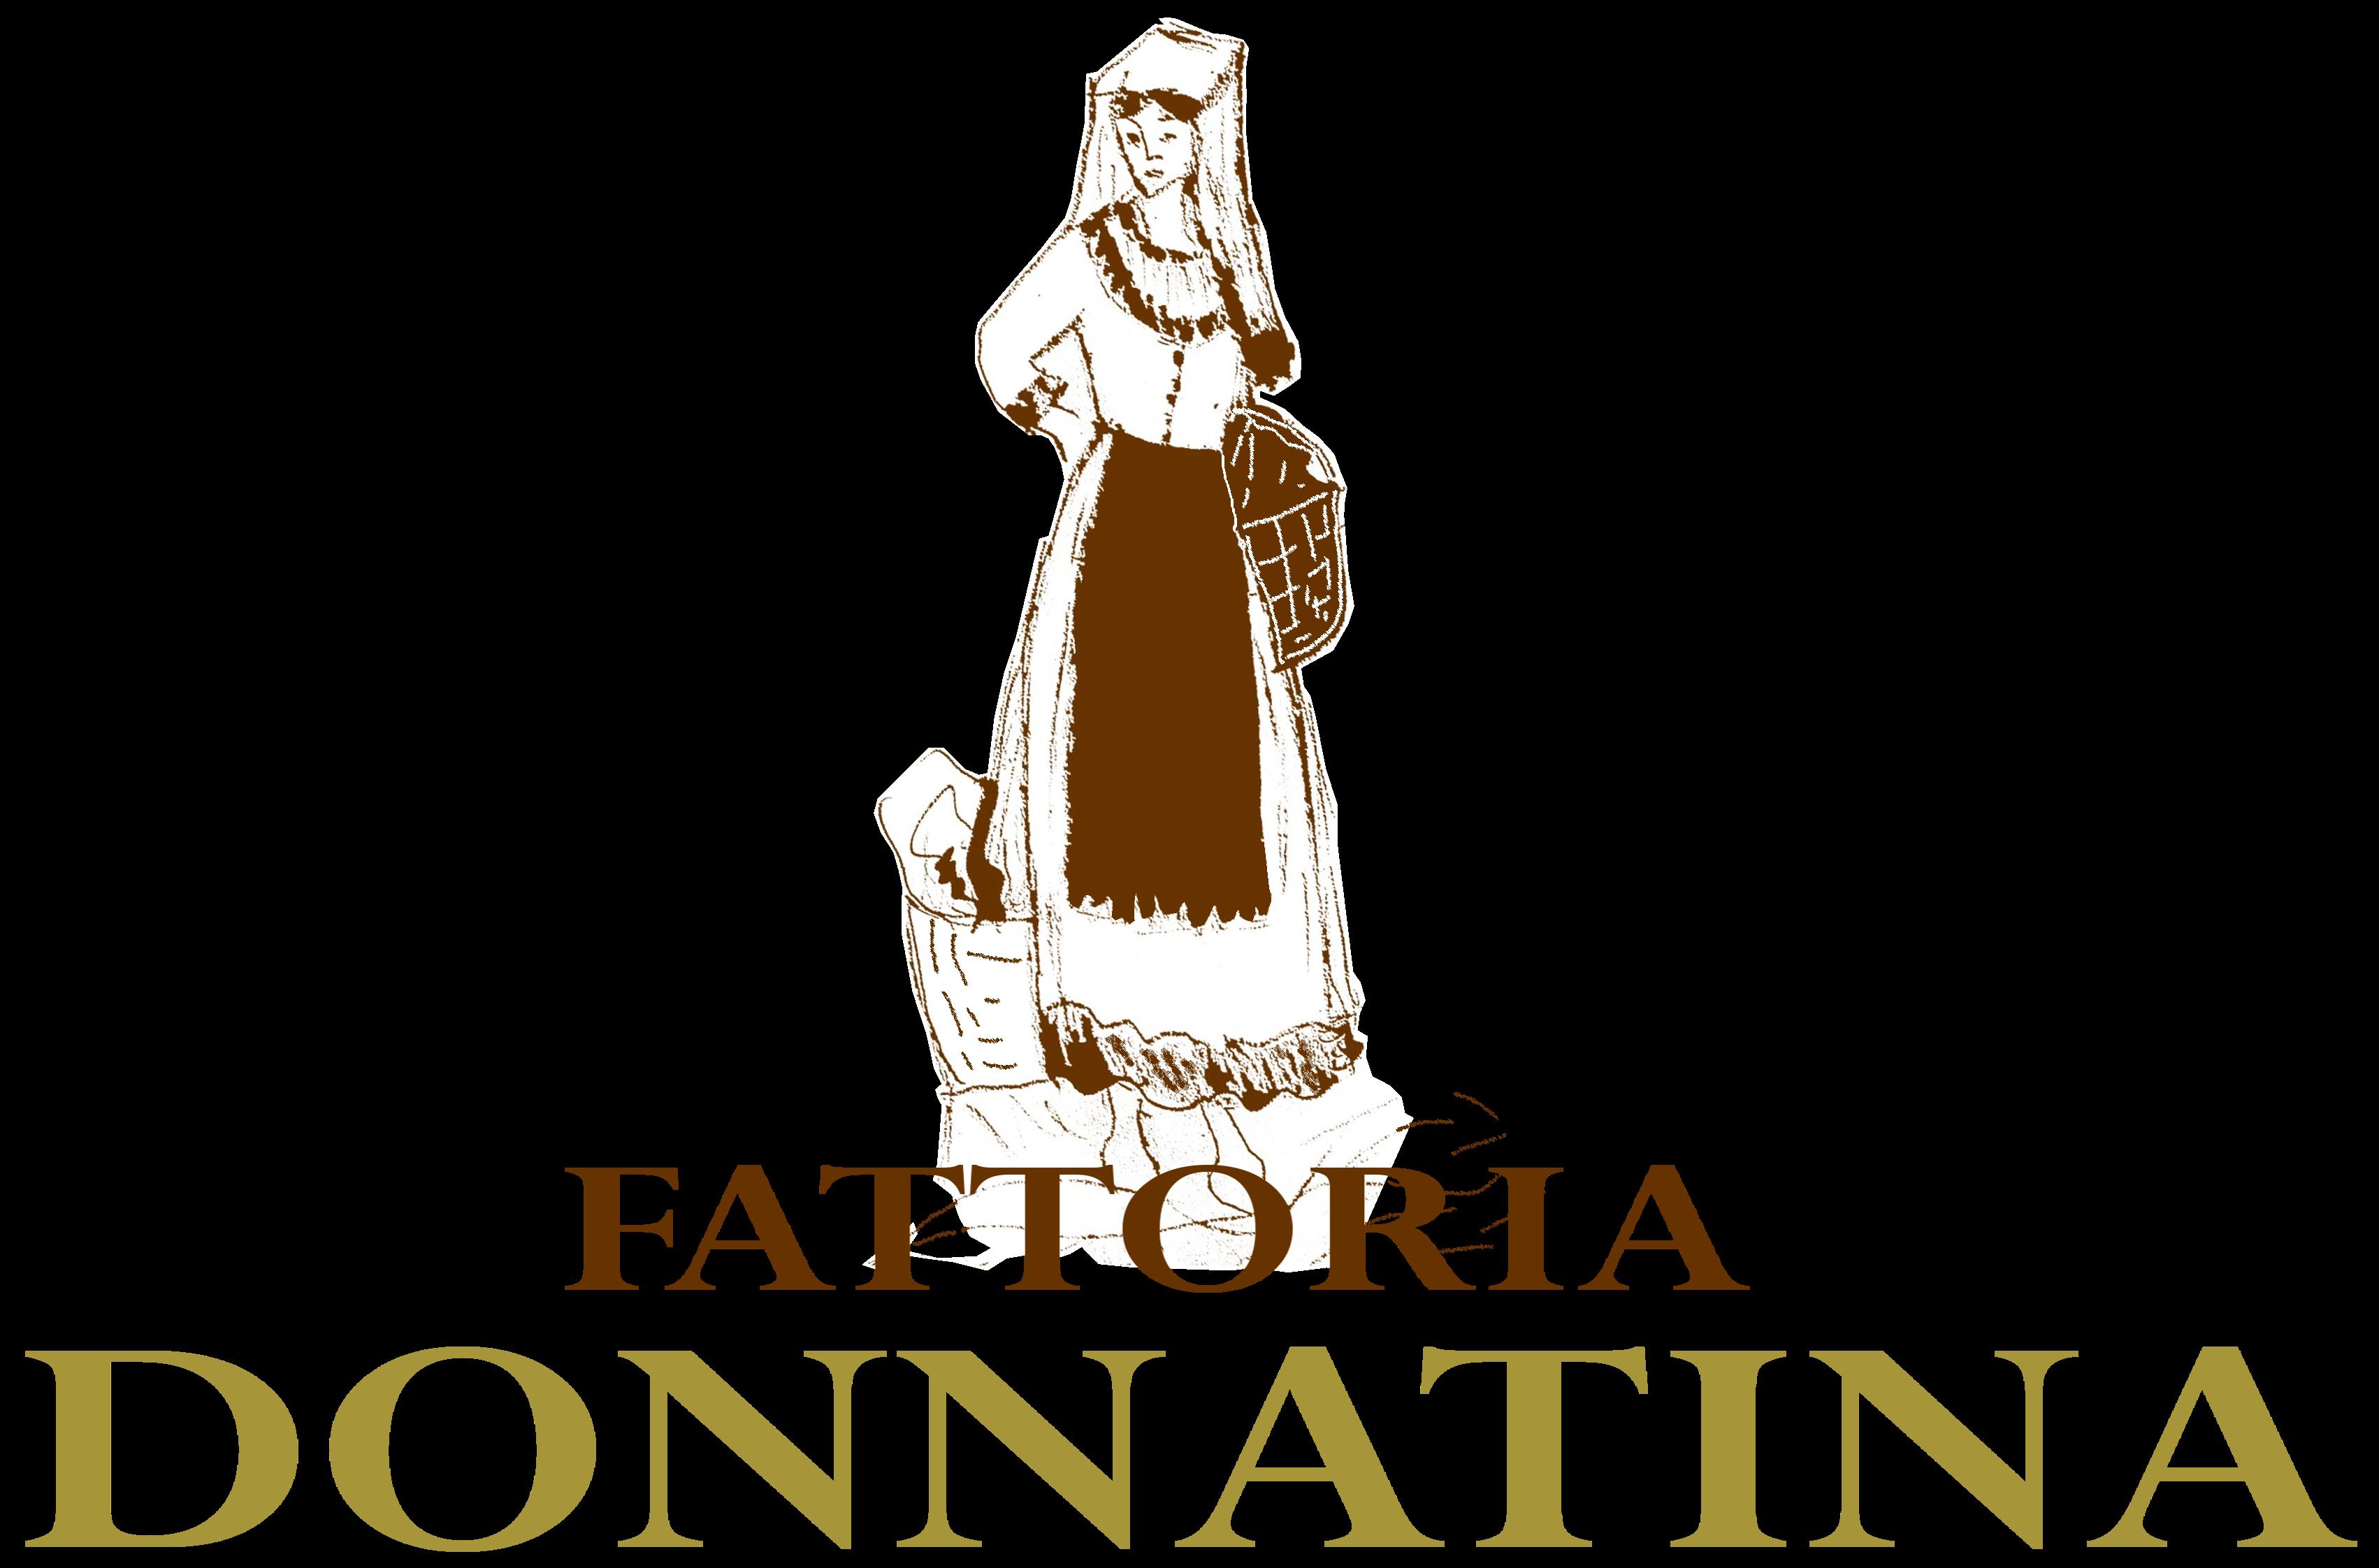 crediti donna tina, brand